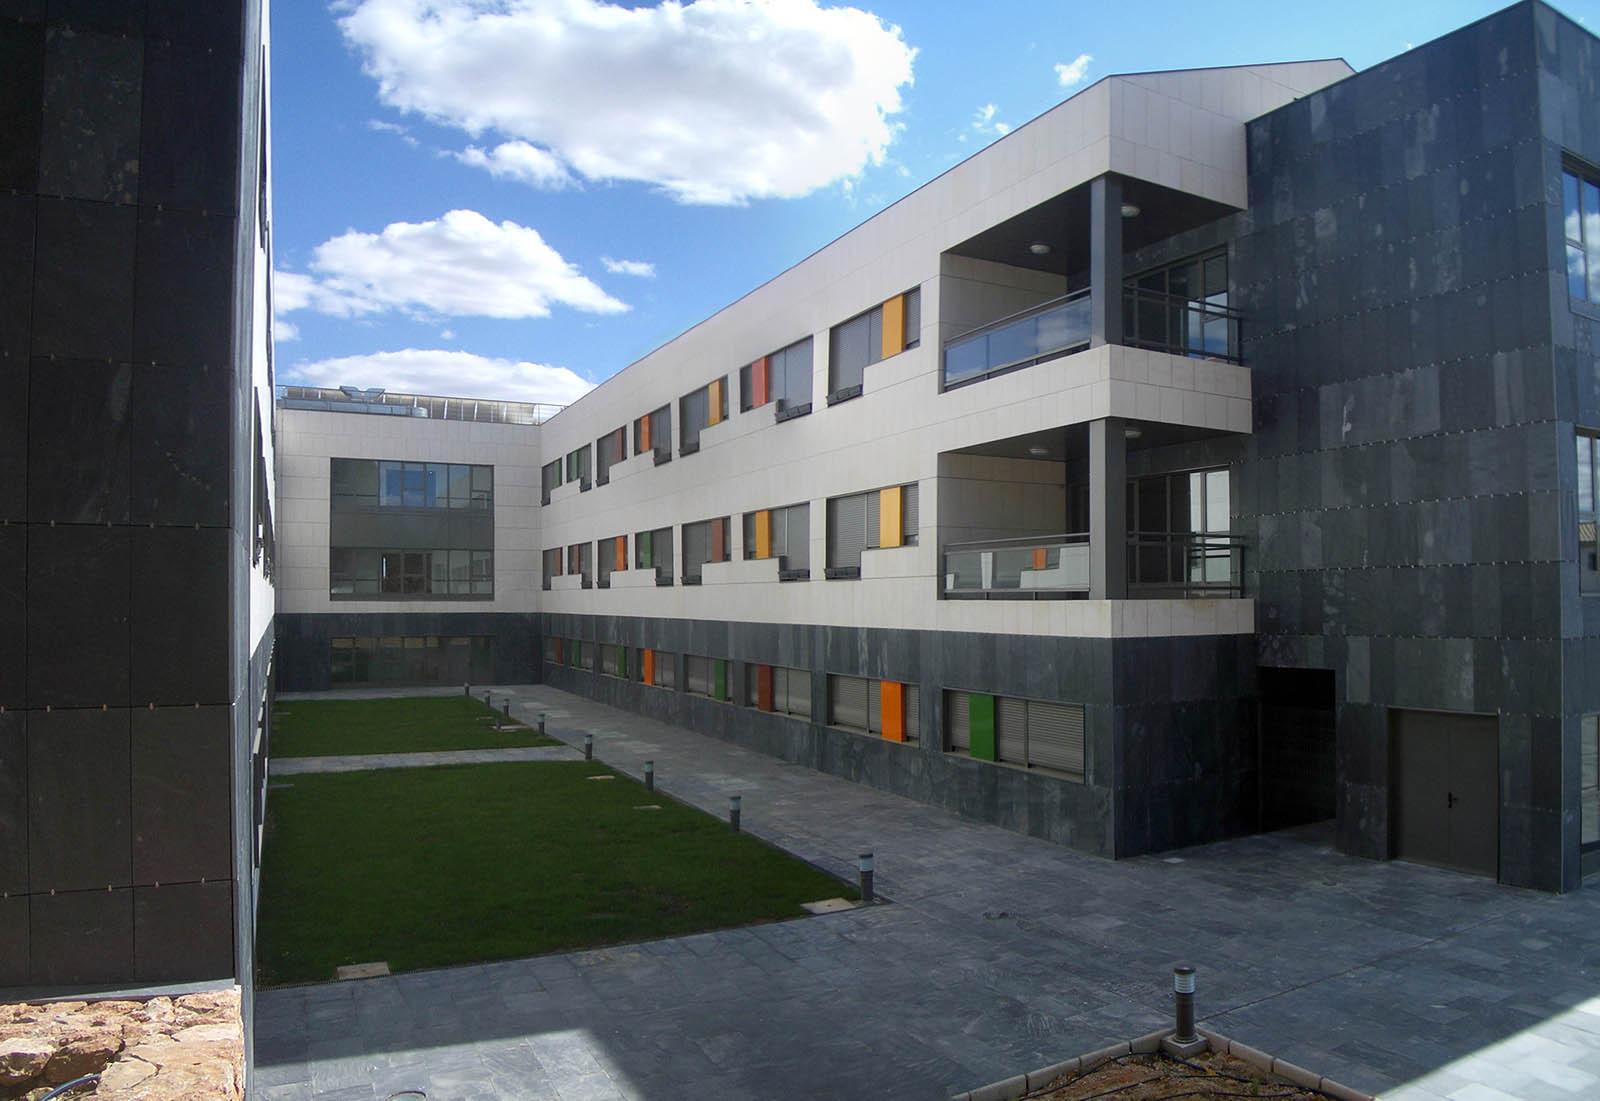 Residencia para Mayores en Mota del Cuervo (Cuenca) / GEED Arquitectos, © Alfredo Prados Covarrubias